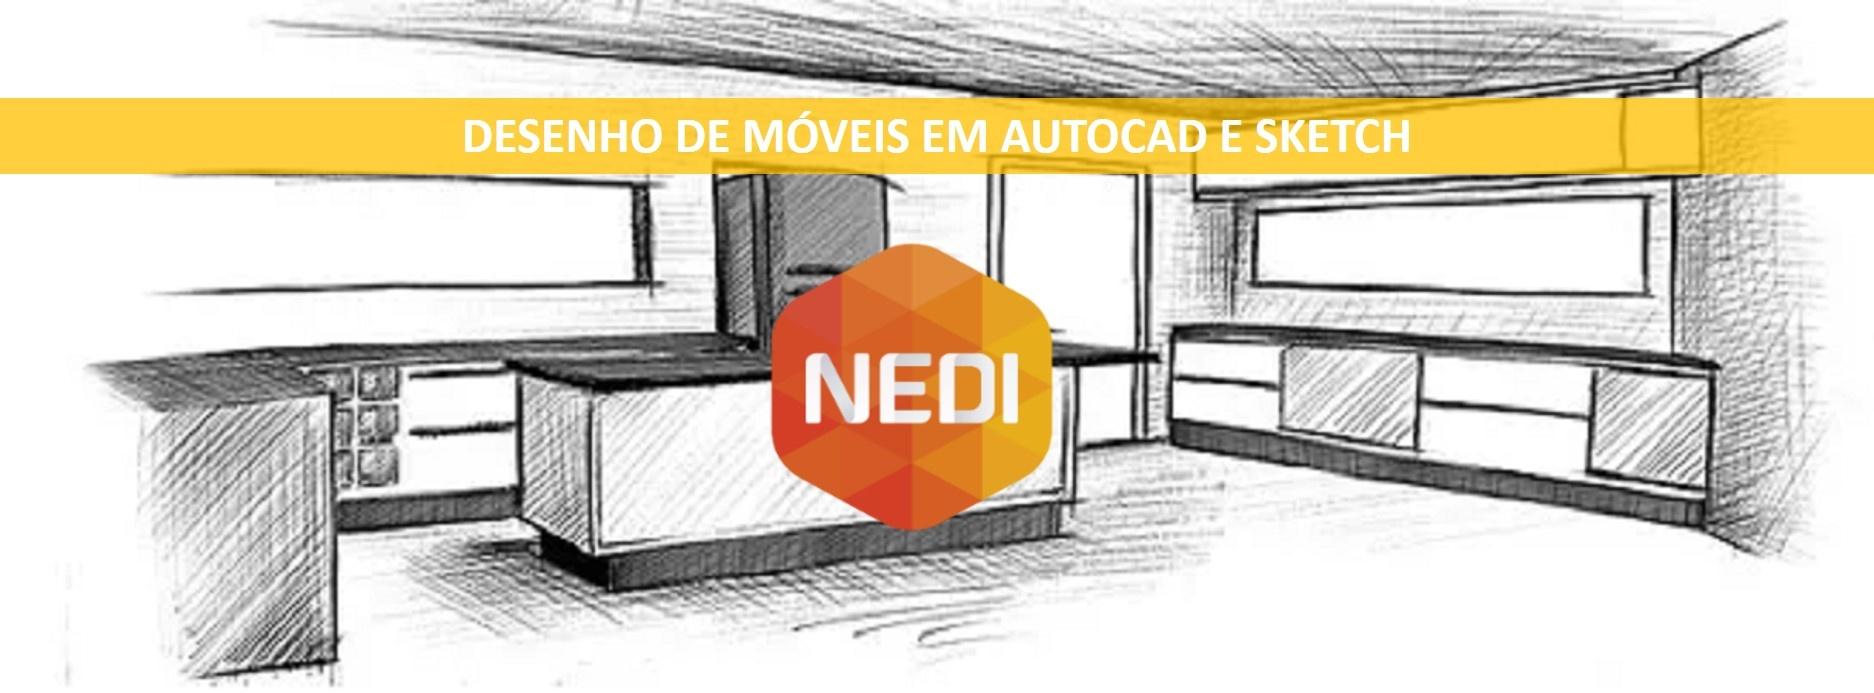 Desenho do Móvel Planejado no Autocad 2D e Sketchup - Sympla